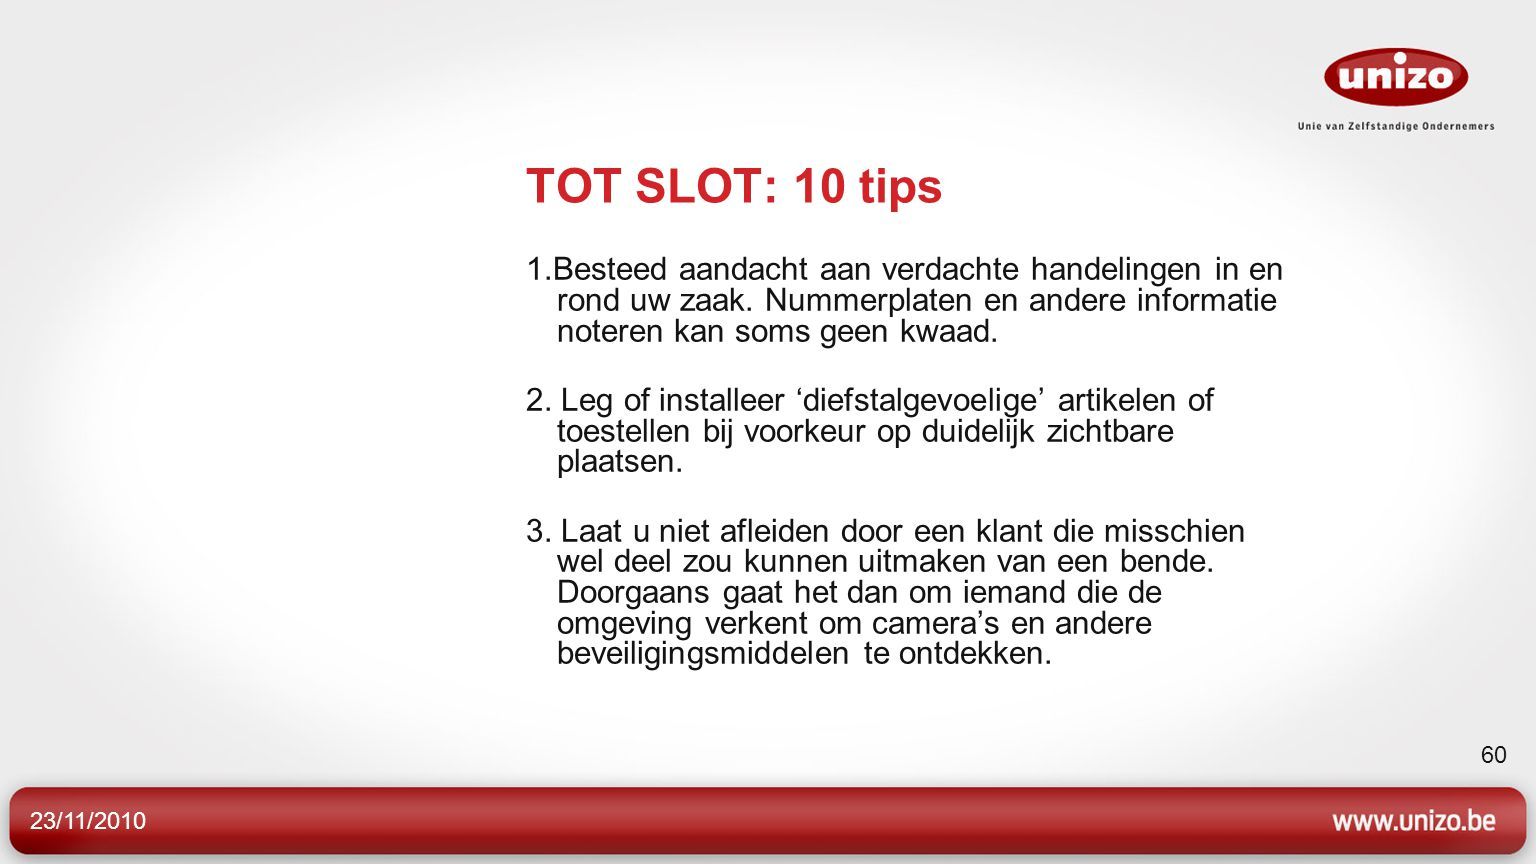 23/11/2010 60 TOT SLOT: 10 tips 1.Besteed aandacht aan verdachte handelingen in en rond uw zaak. Nummerplaten en andere informatie noteren kan soms ge